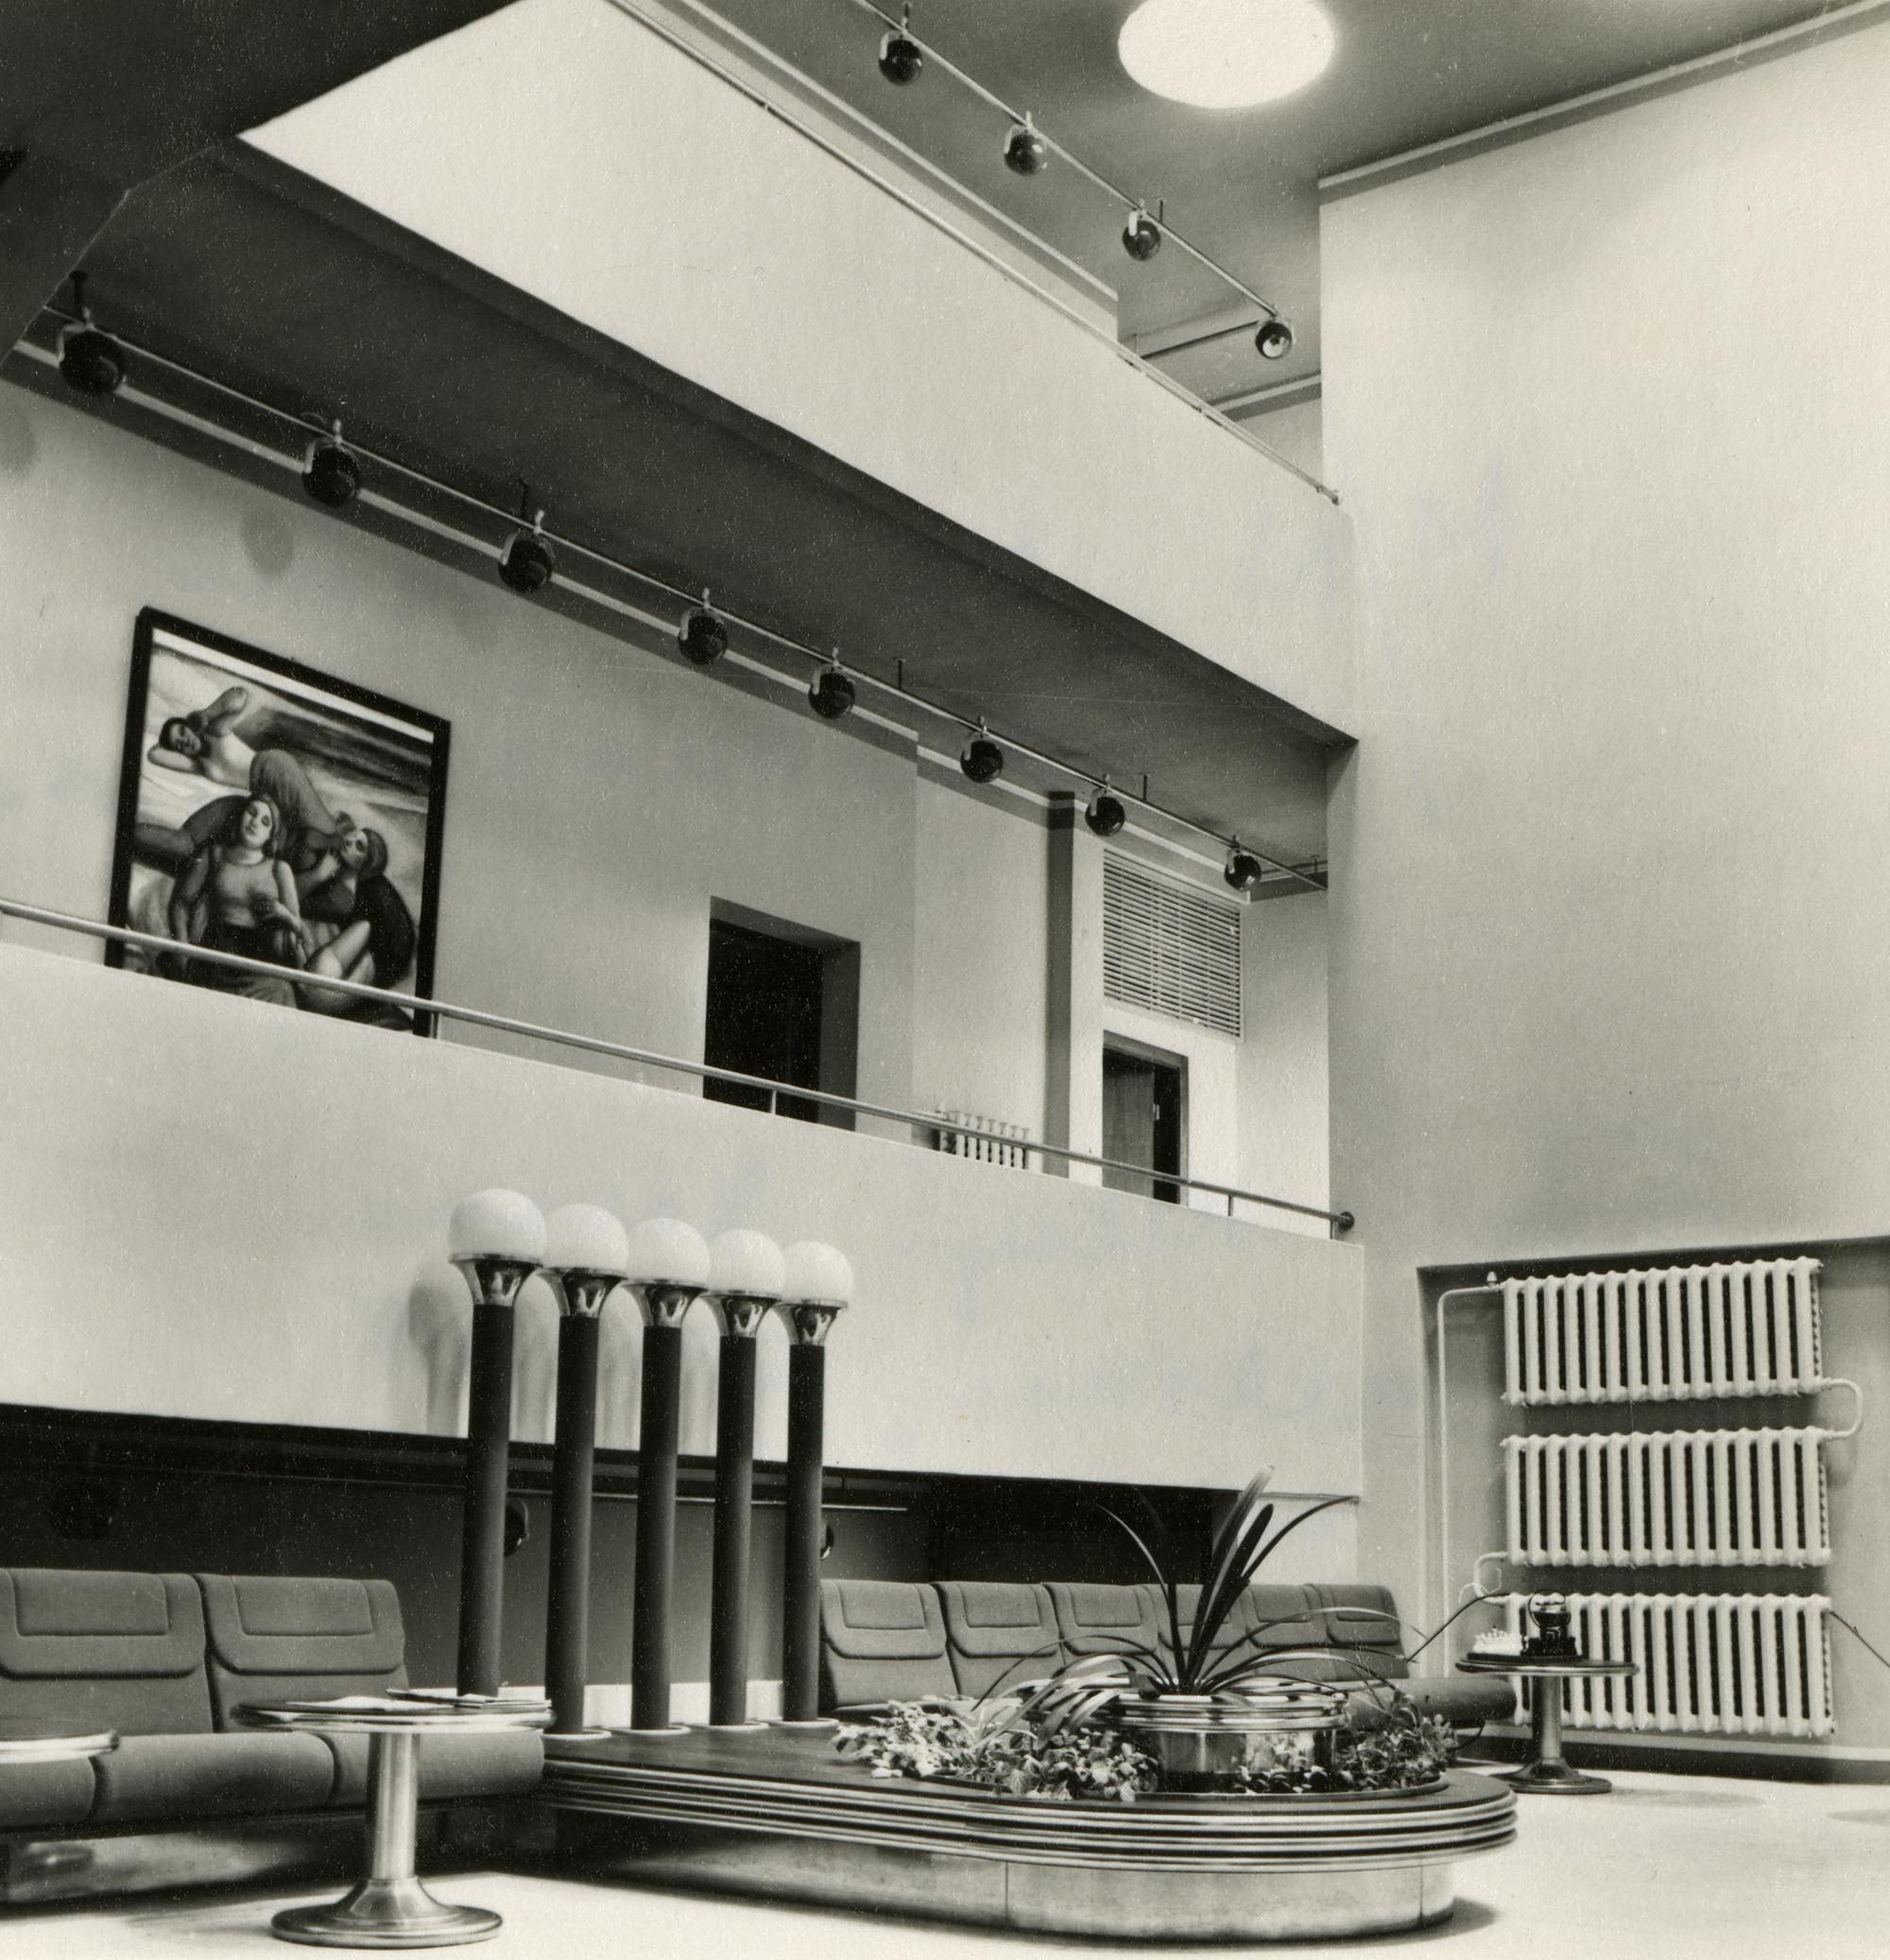 ENSV Ministrite Nõukogu puhkebaas Narva-Jõesuus. Arhitekt Marika Lõoke, sisearhitekt Taevo Gans, 1976–1980. Foto: Eesti Arhitektuurimuuseum